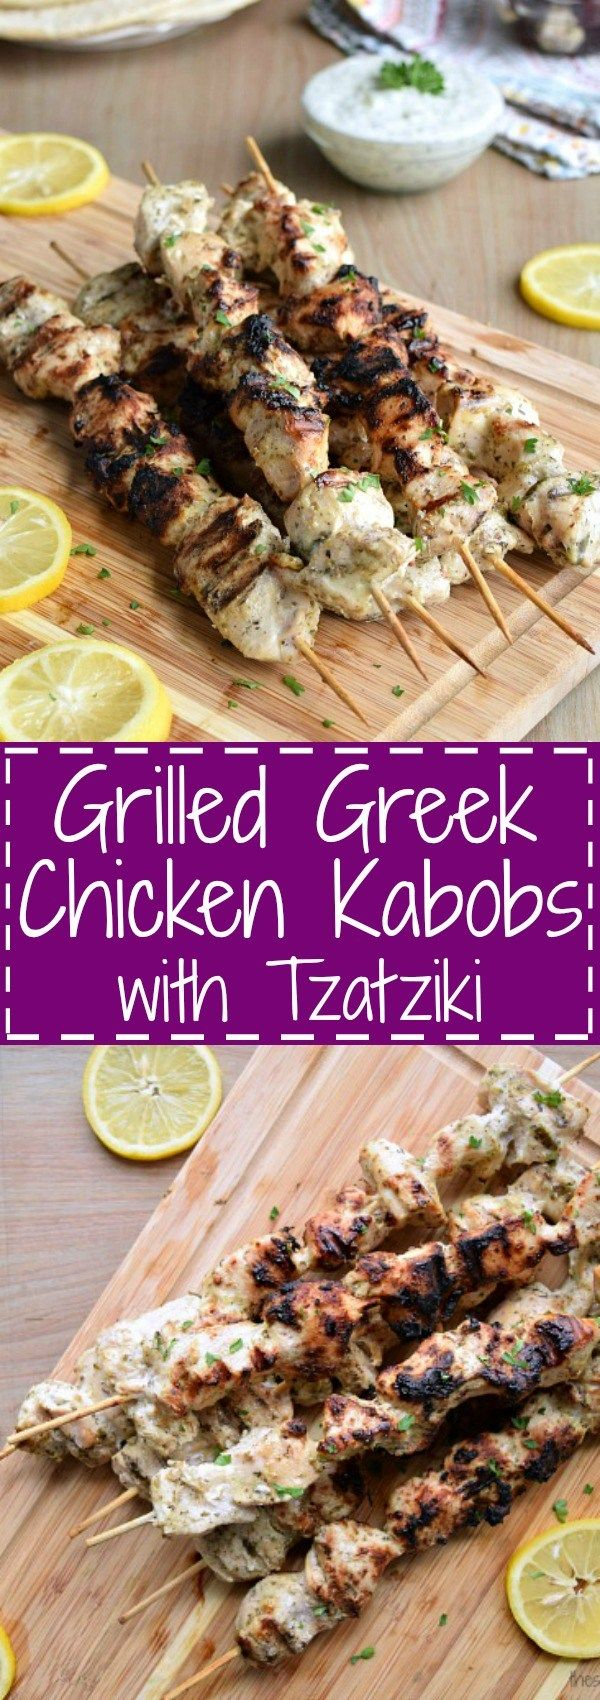 Grilled Greek Chicken Kabobs